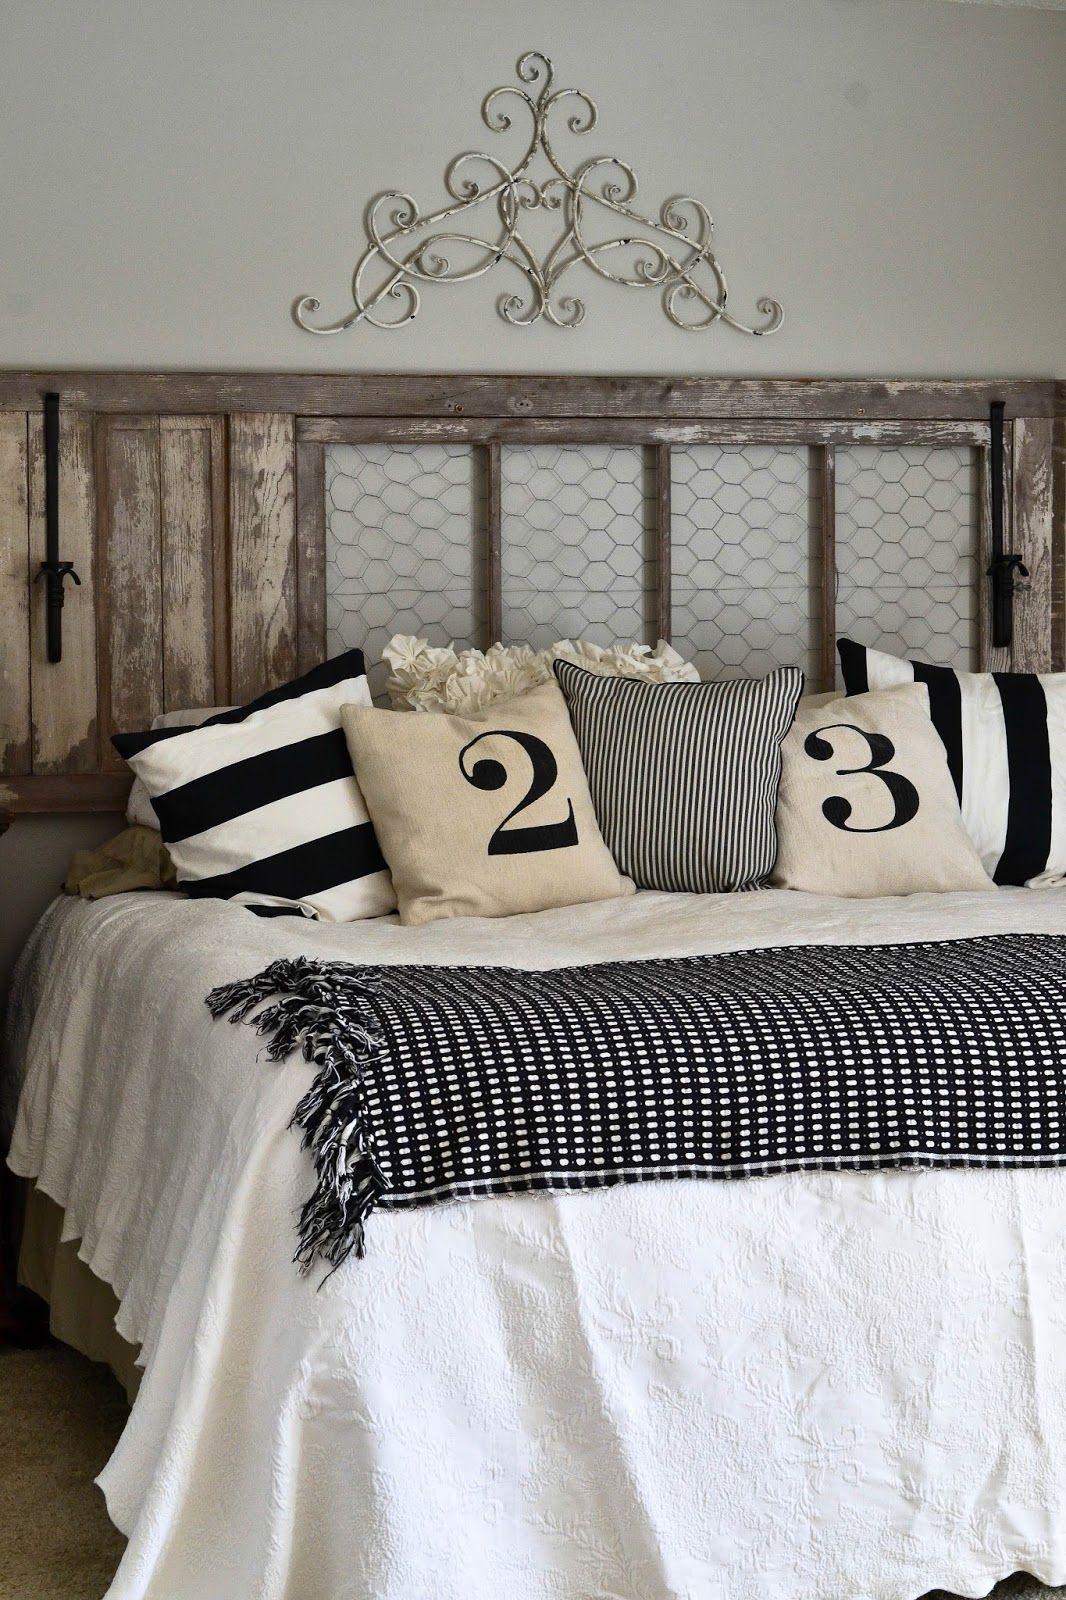 Vintage master bedroom decor  Revere Pewter Walls for the Master Bedroom  Design ideas